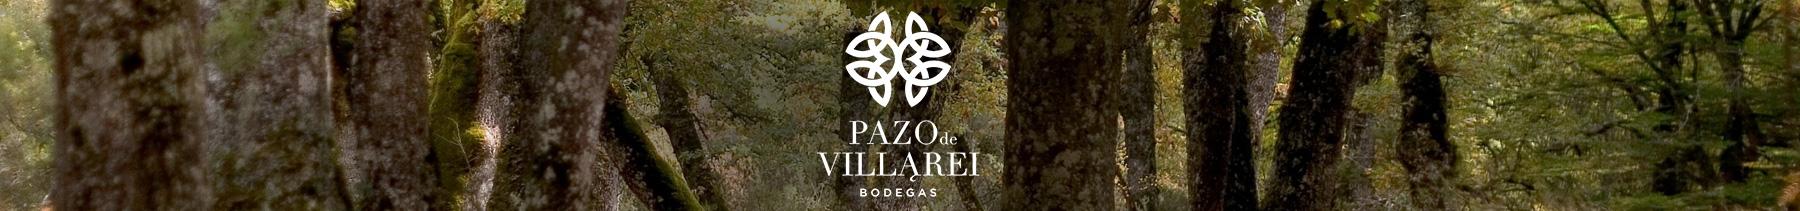 Pazo de Villarei